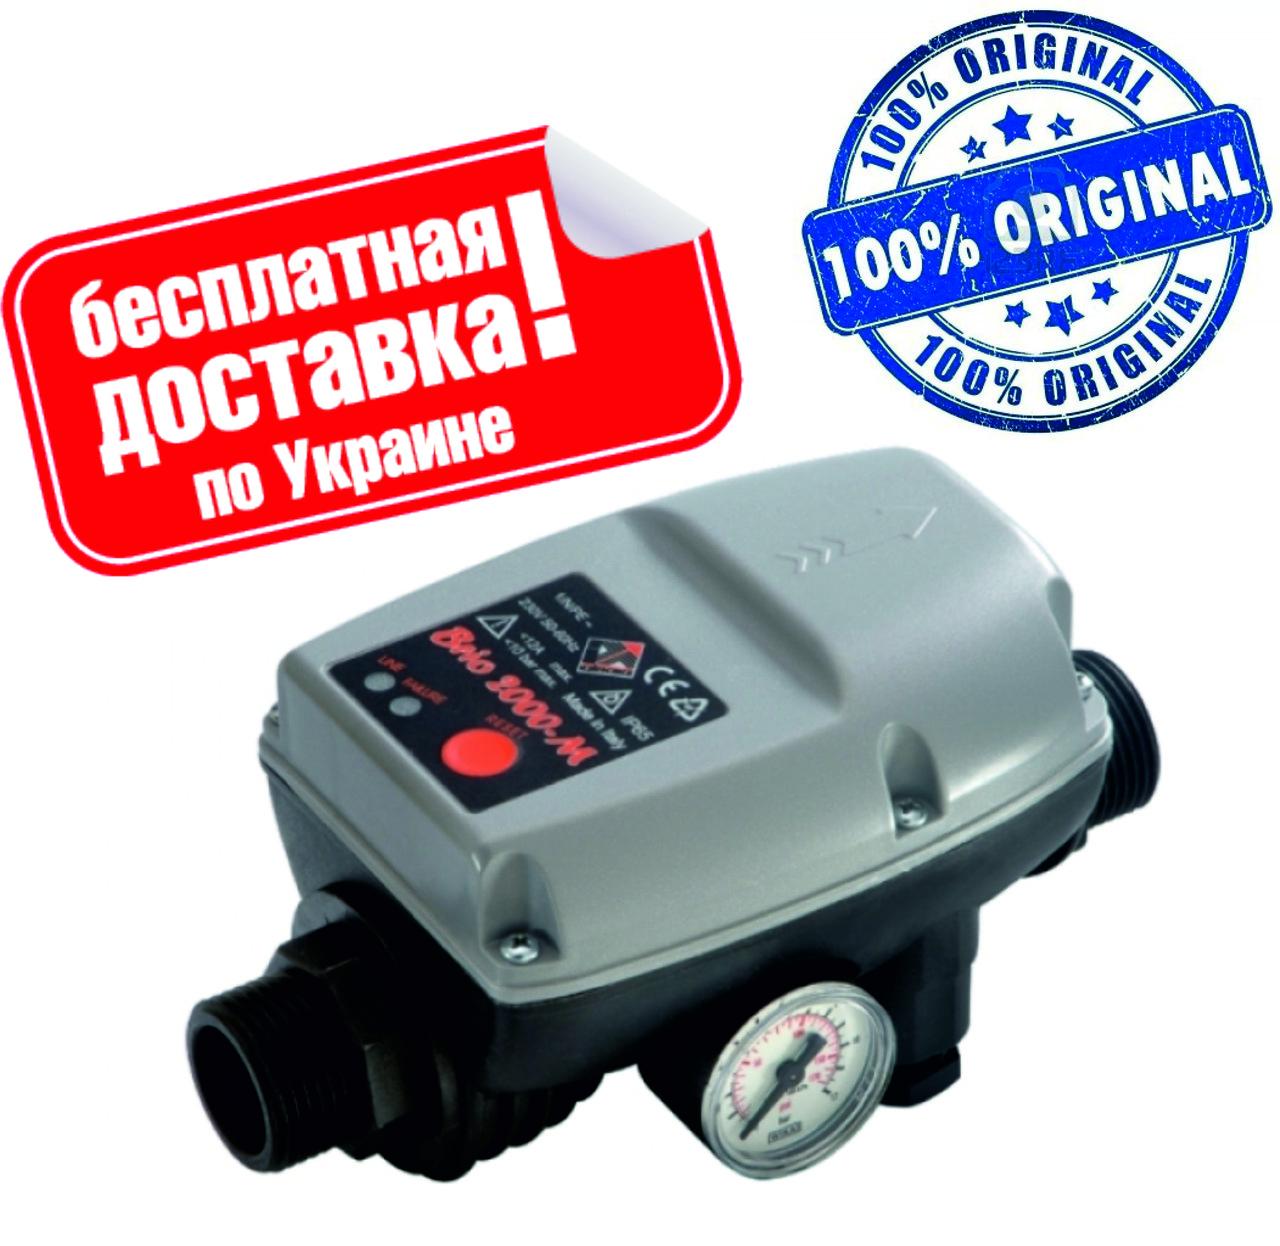 """Реле давления с защитой от сухого хода Brio 2000 МТ (оригинал) - Интернет-магазин """"Water-Pomp"""" в Днепре"""